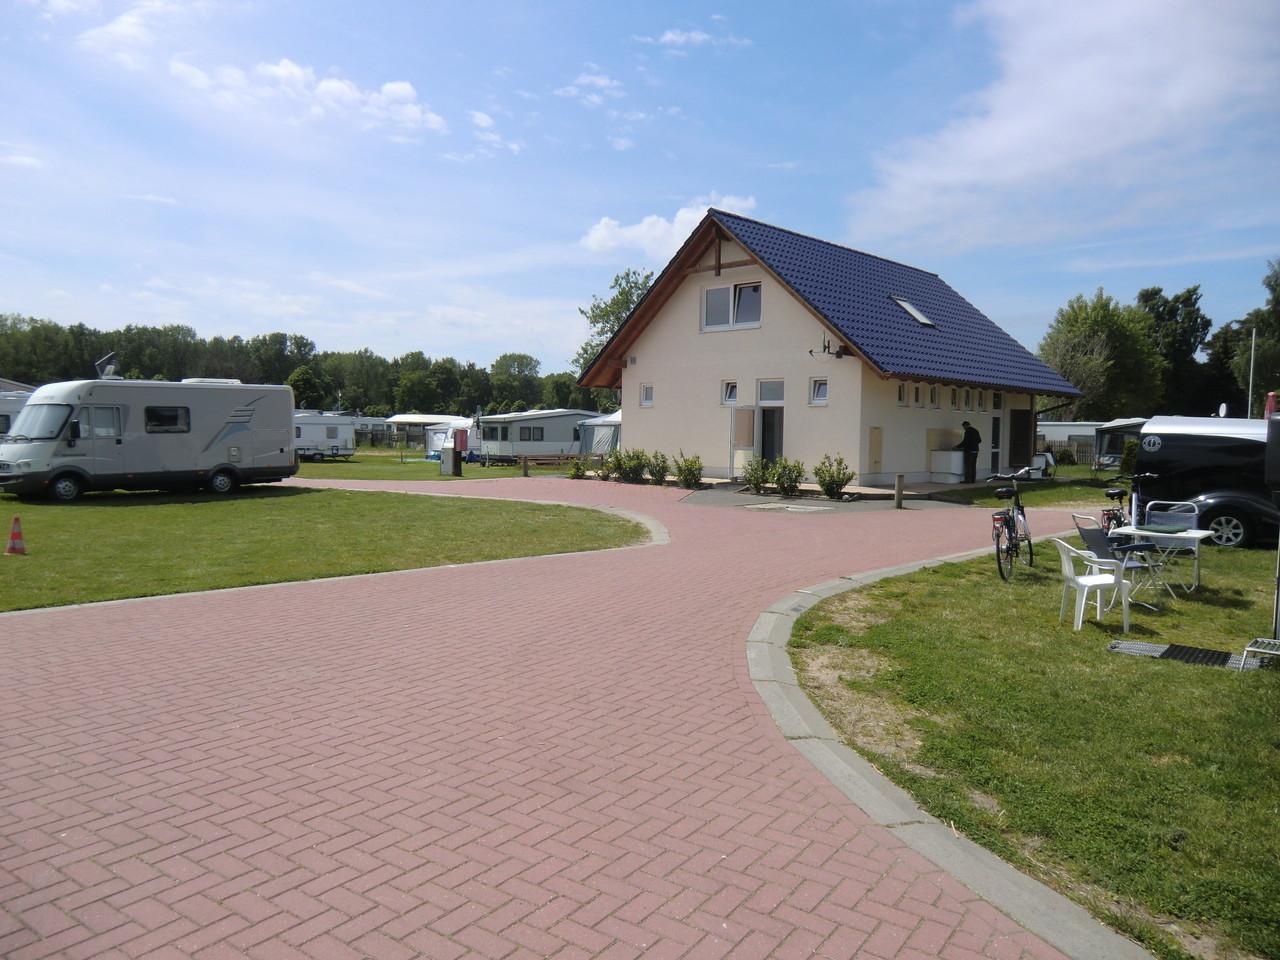 http://ostsee-wohnmobilstellplatz.de/